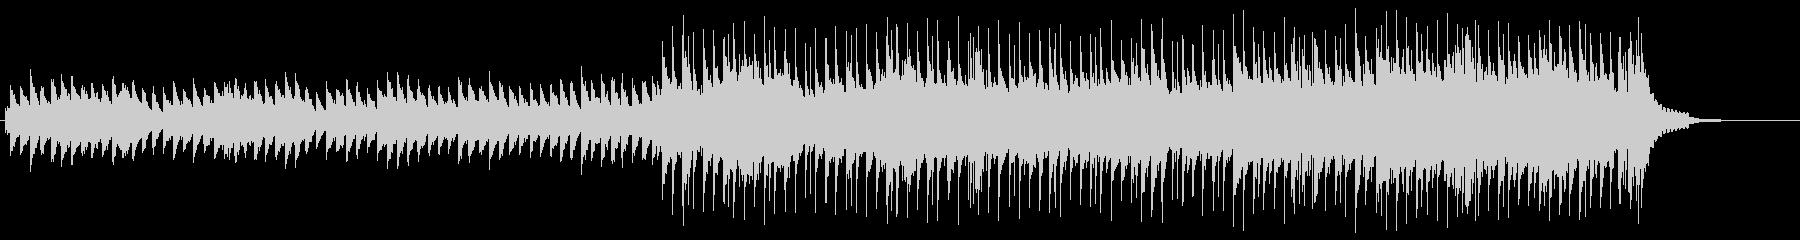 悲しいピアノバラードの未再生の波形